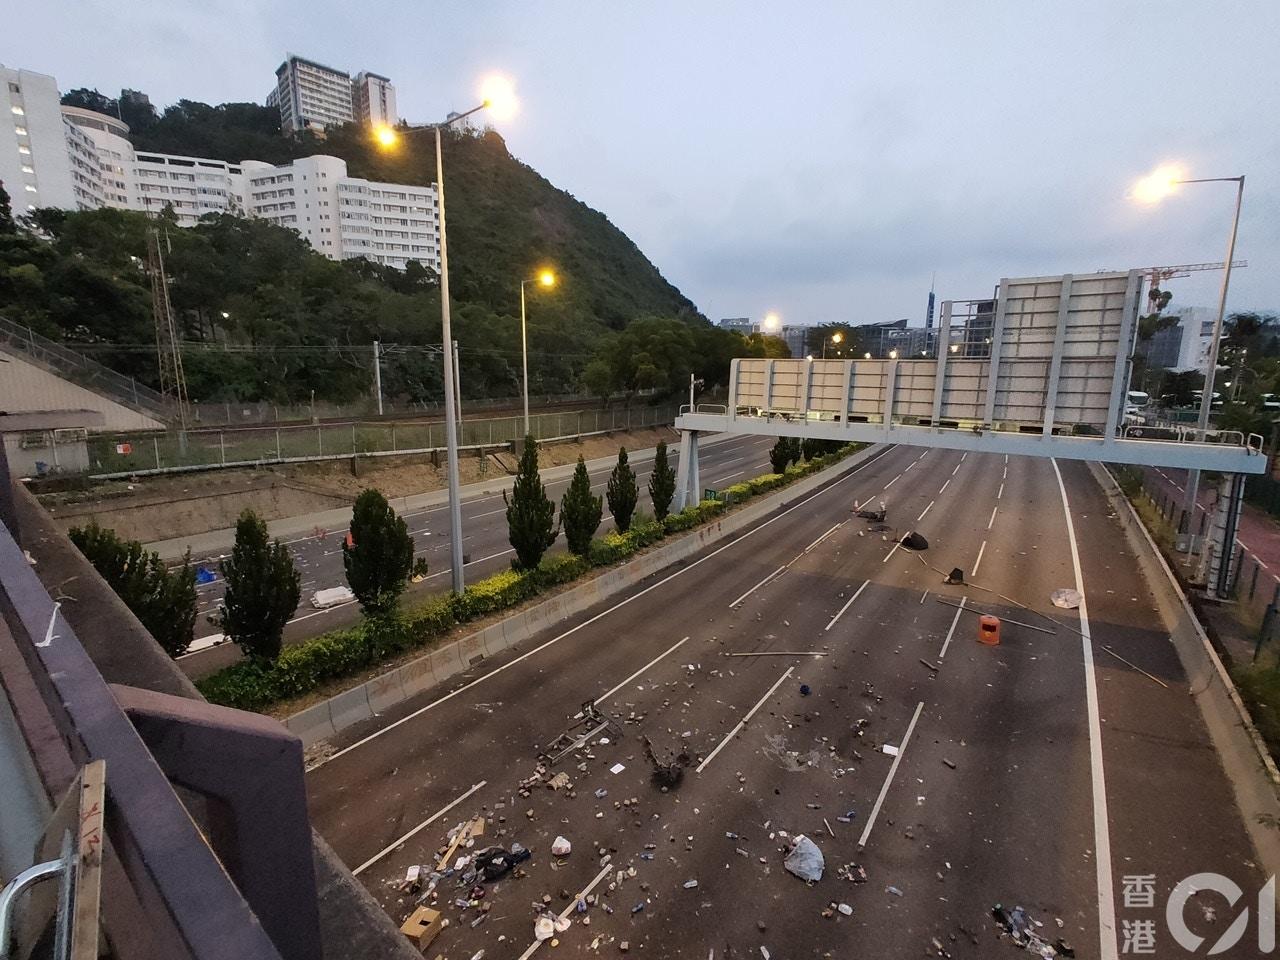 【11.15】示威者重開部分吐露港公路 民間記者會指三罷絕不止息 香港01 政情